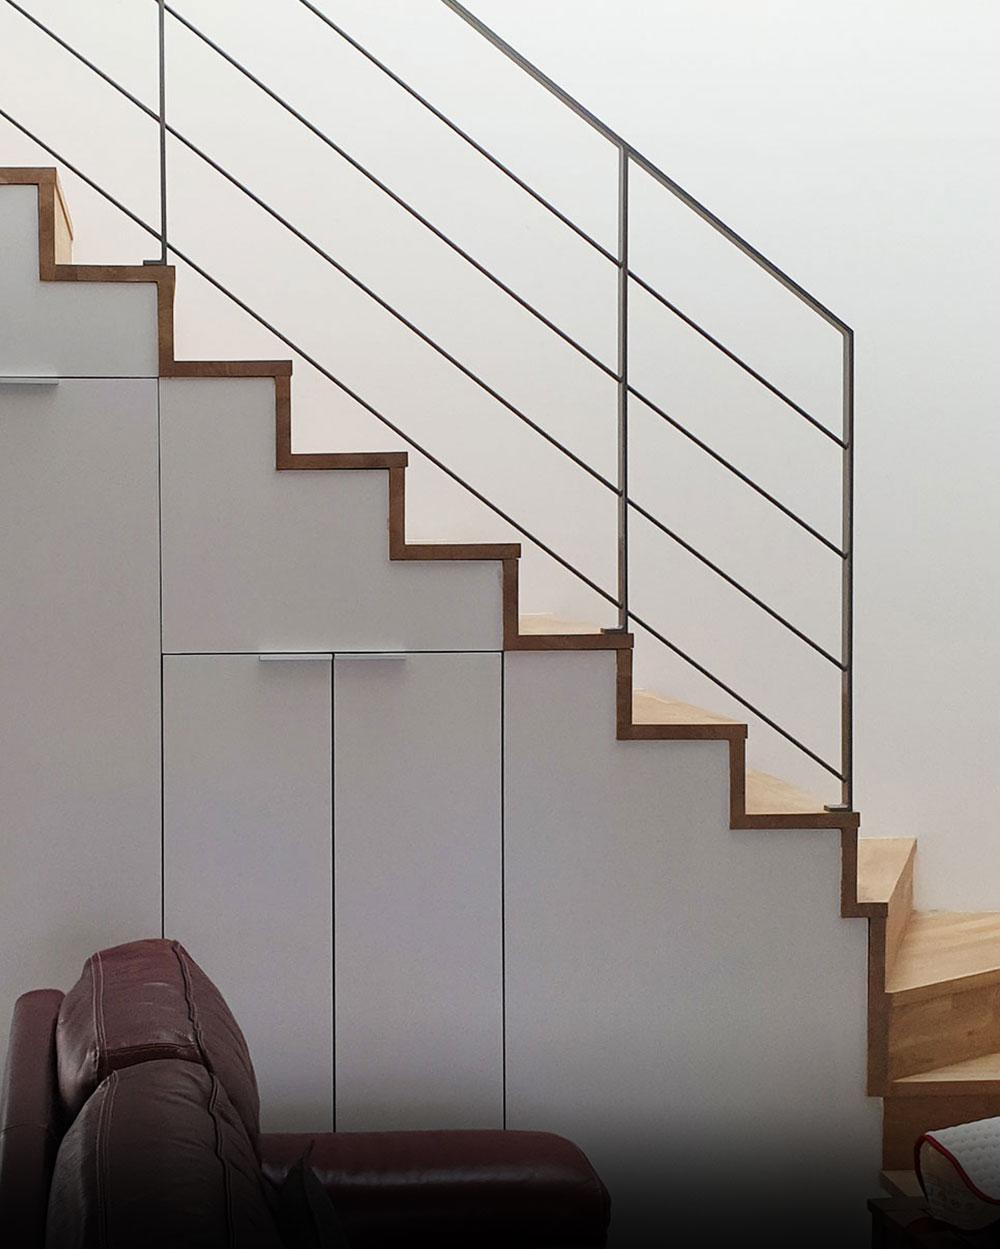 escalier vue de côté avec aménagements sous les escaliers